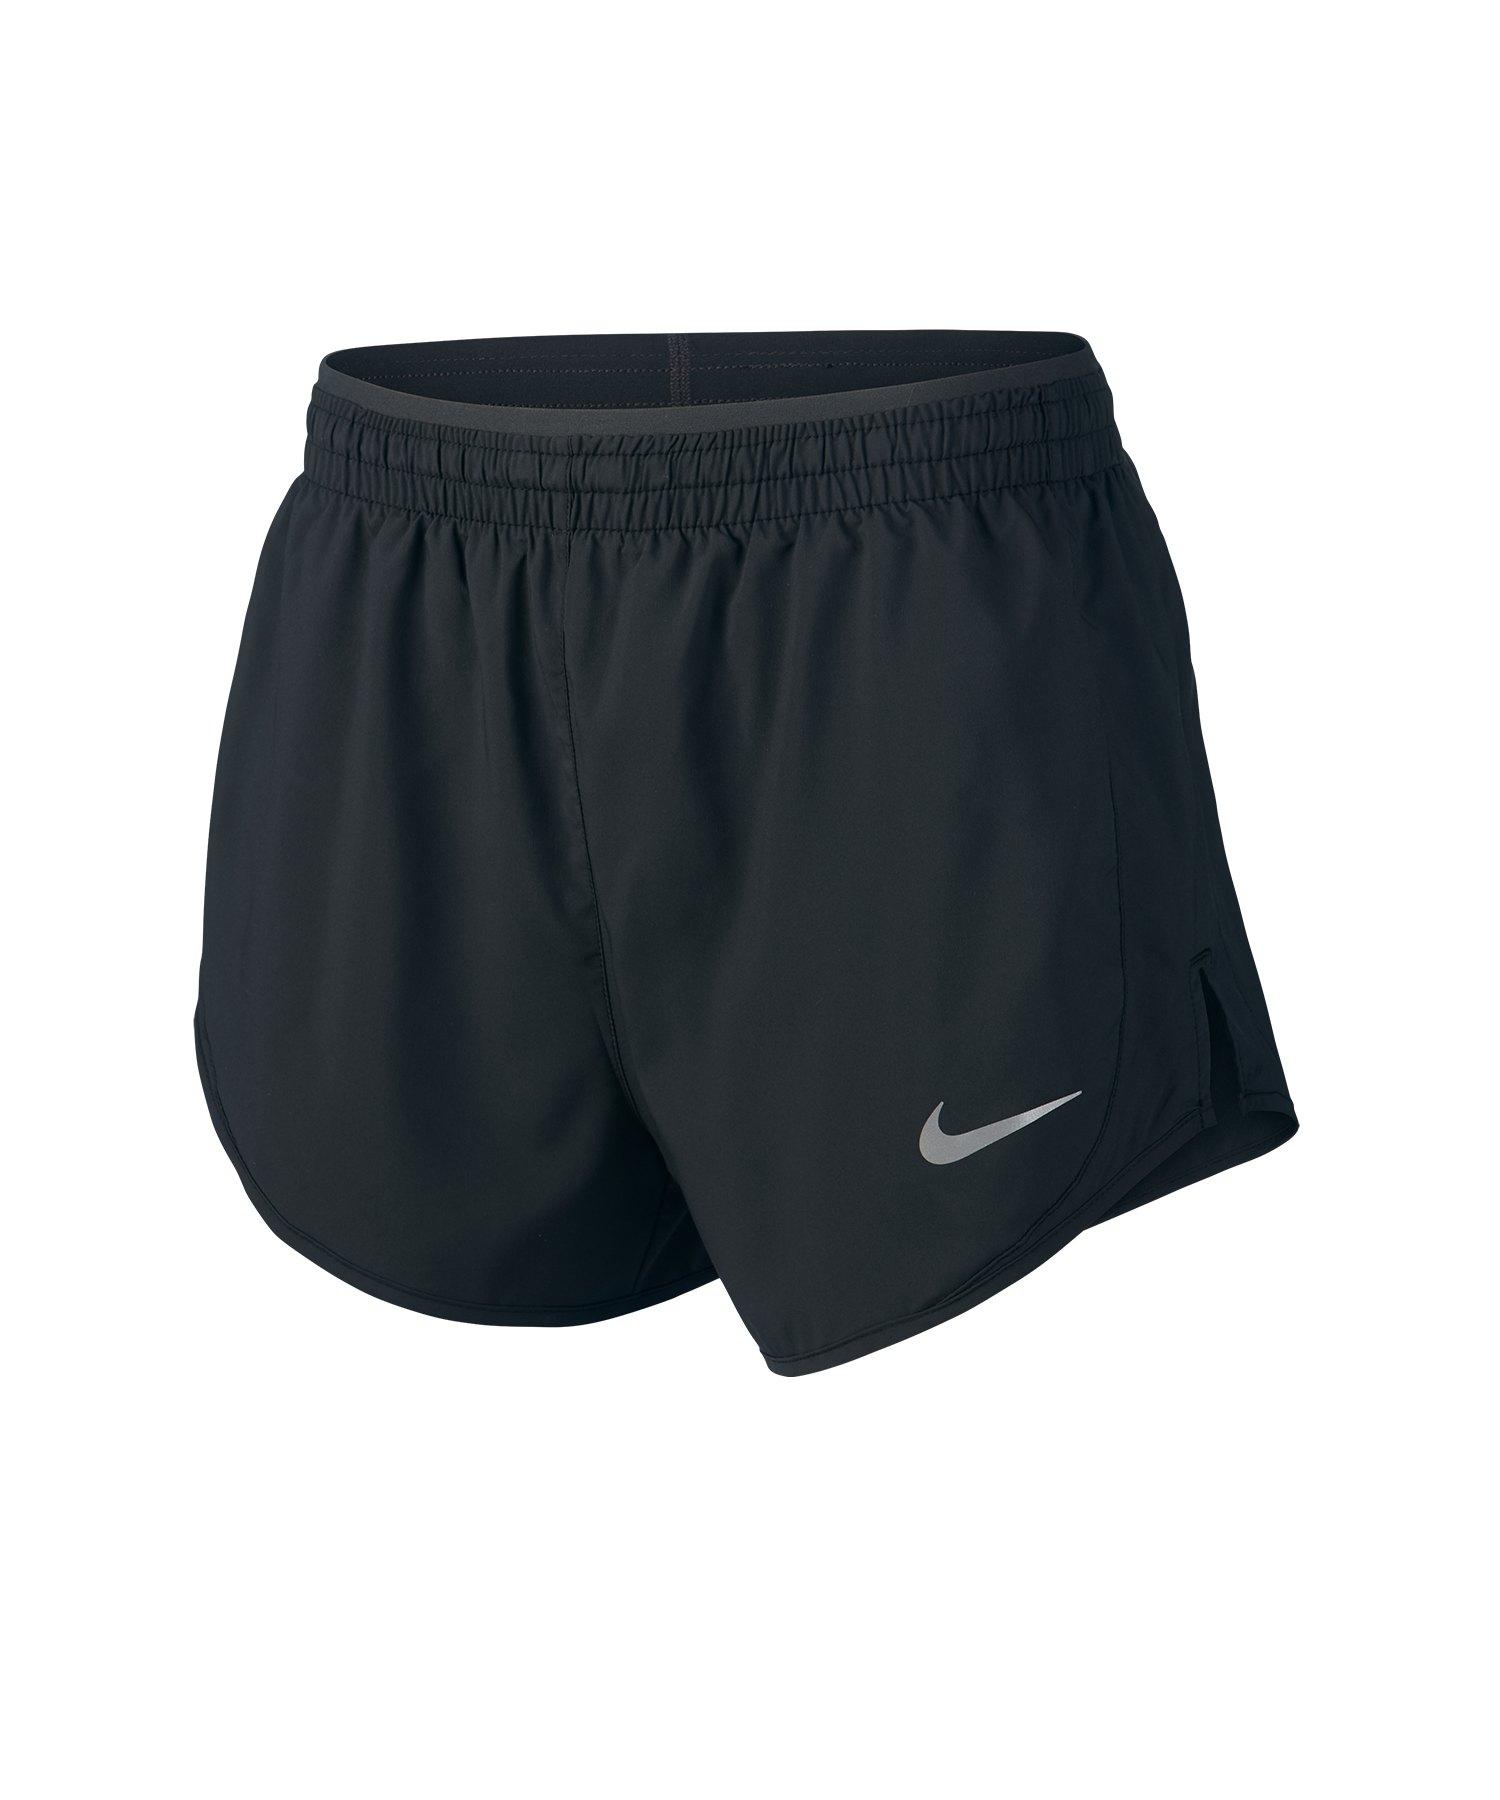 Nike Tempo Lux Short Running Damen Schwarz F010 - schwarz